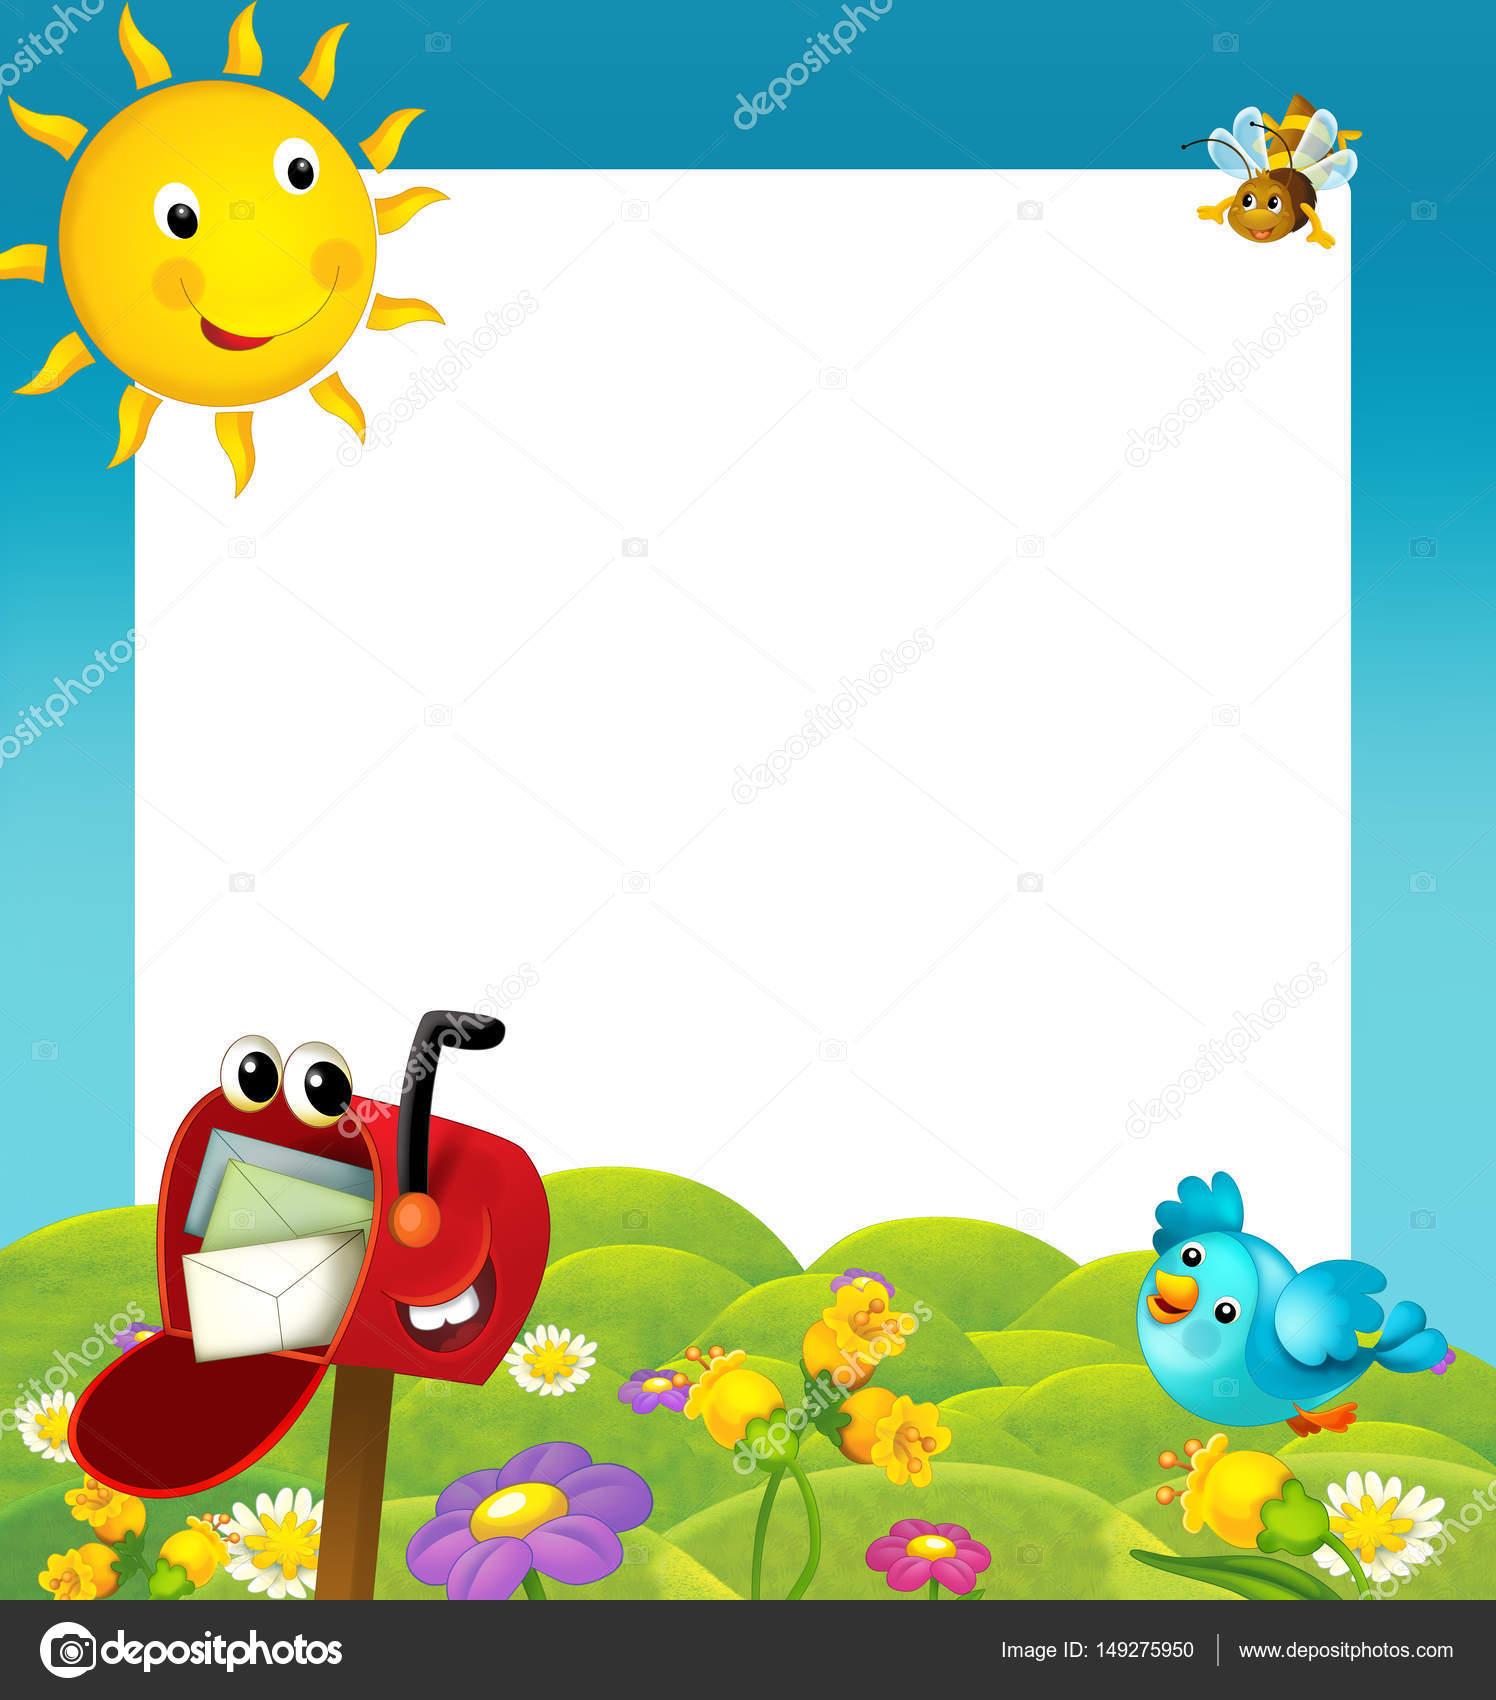 Cartoon-Rahmen mit glücklich Briefkasten — Stockfoto © agaes8080 ...